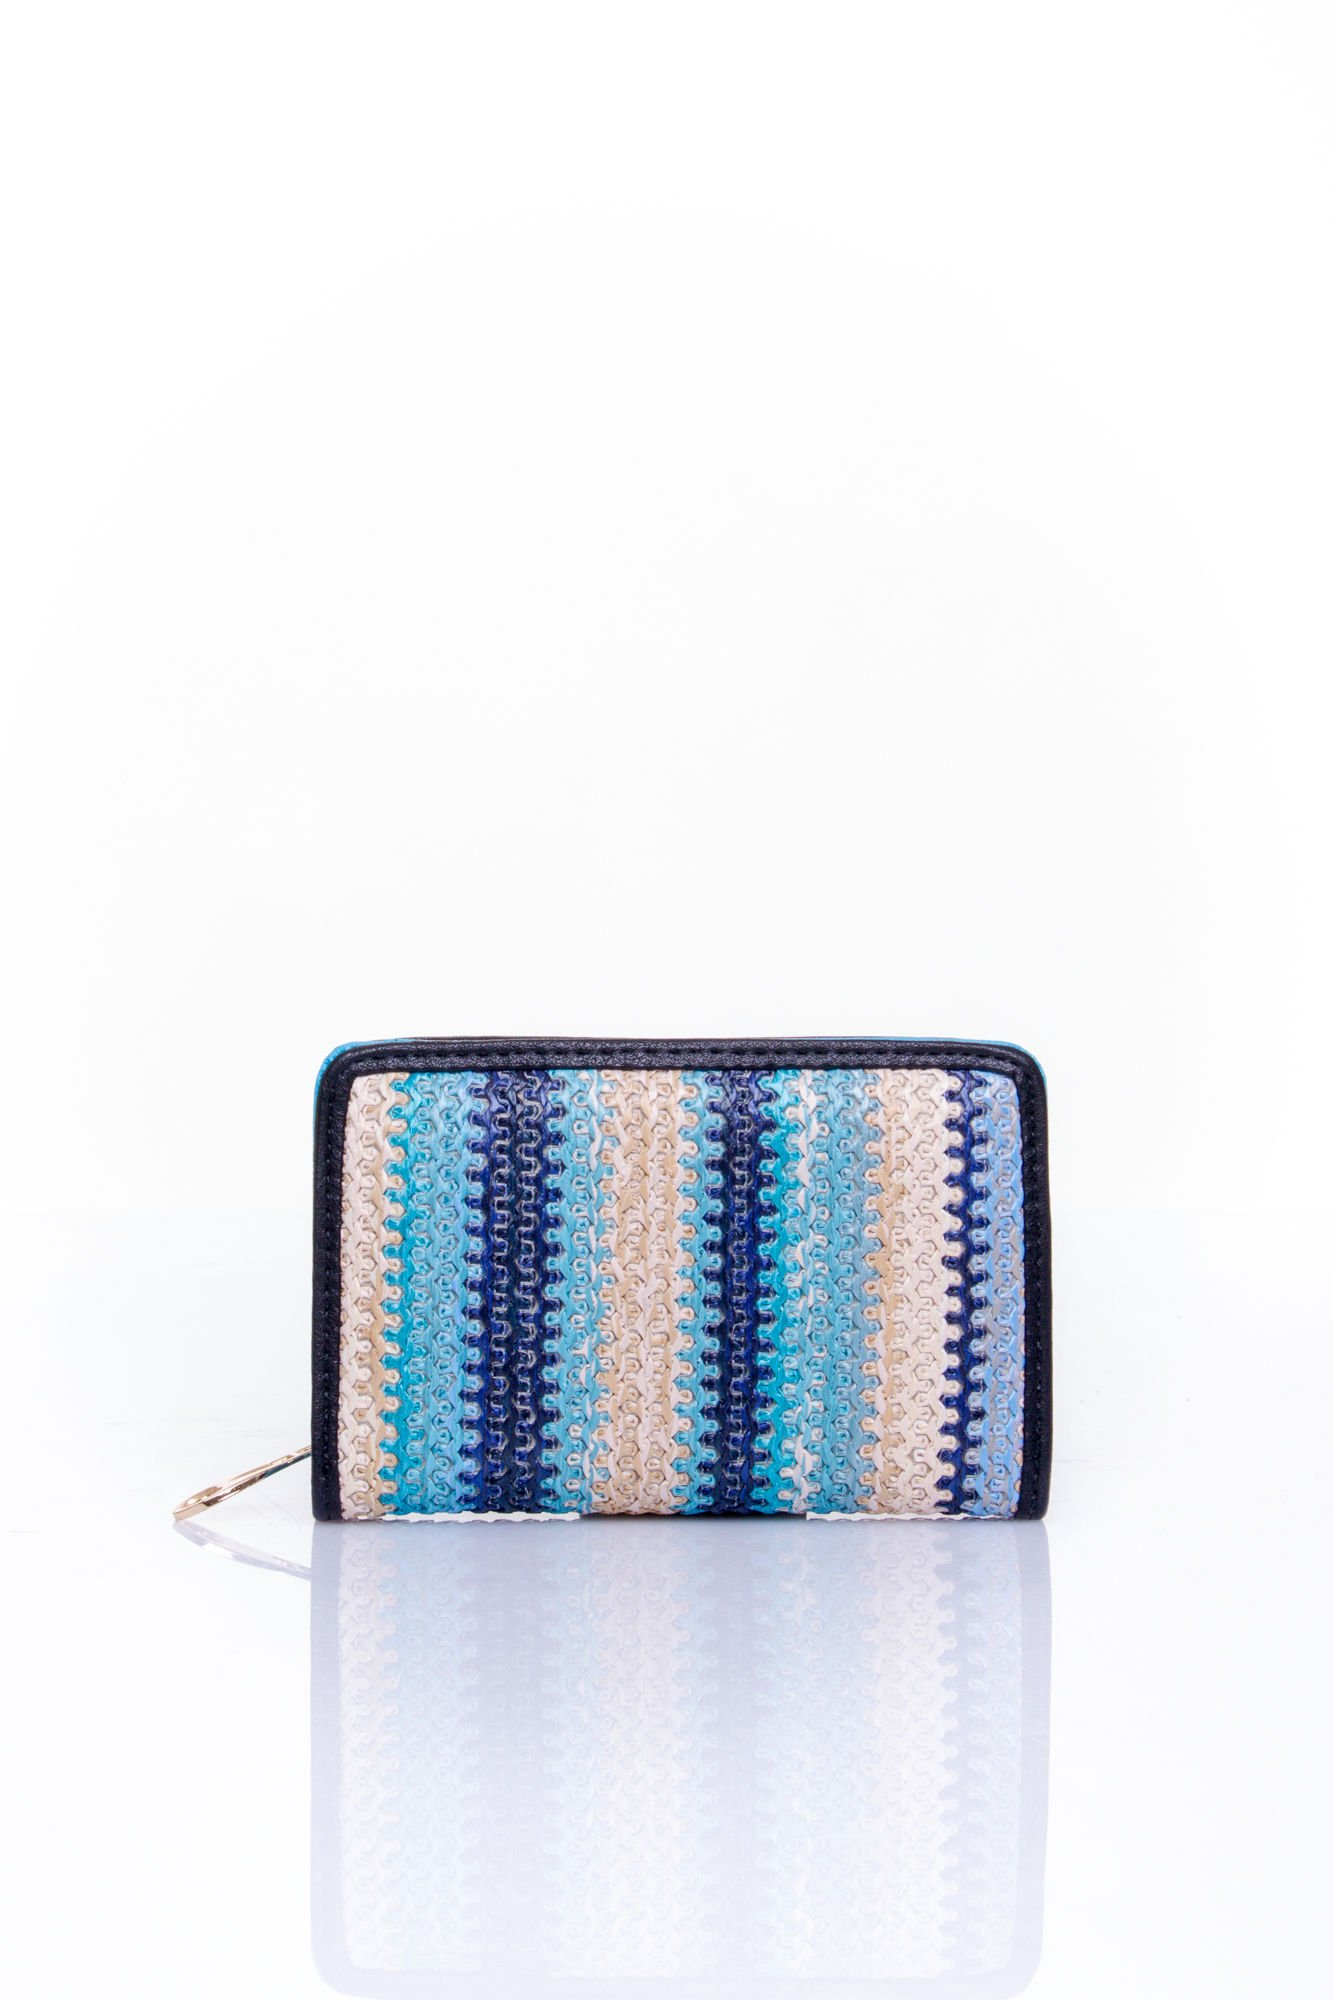 Niebieski portfel z granatowym plecionkowym wykończeniem                                  zdj.                                  1